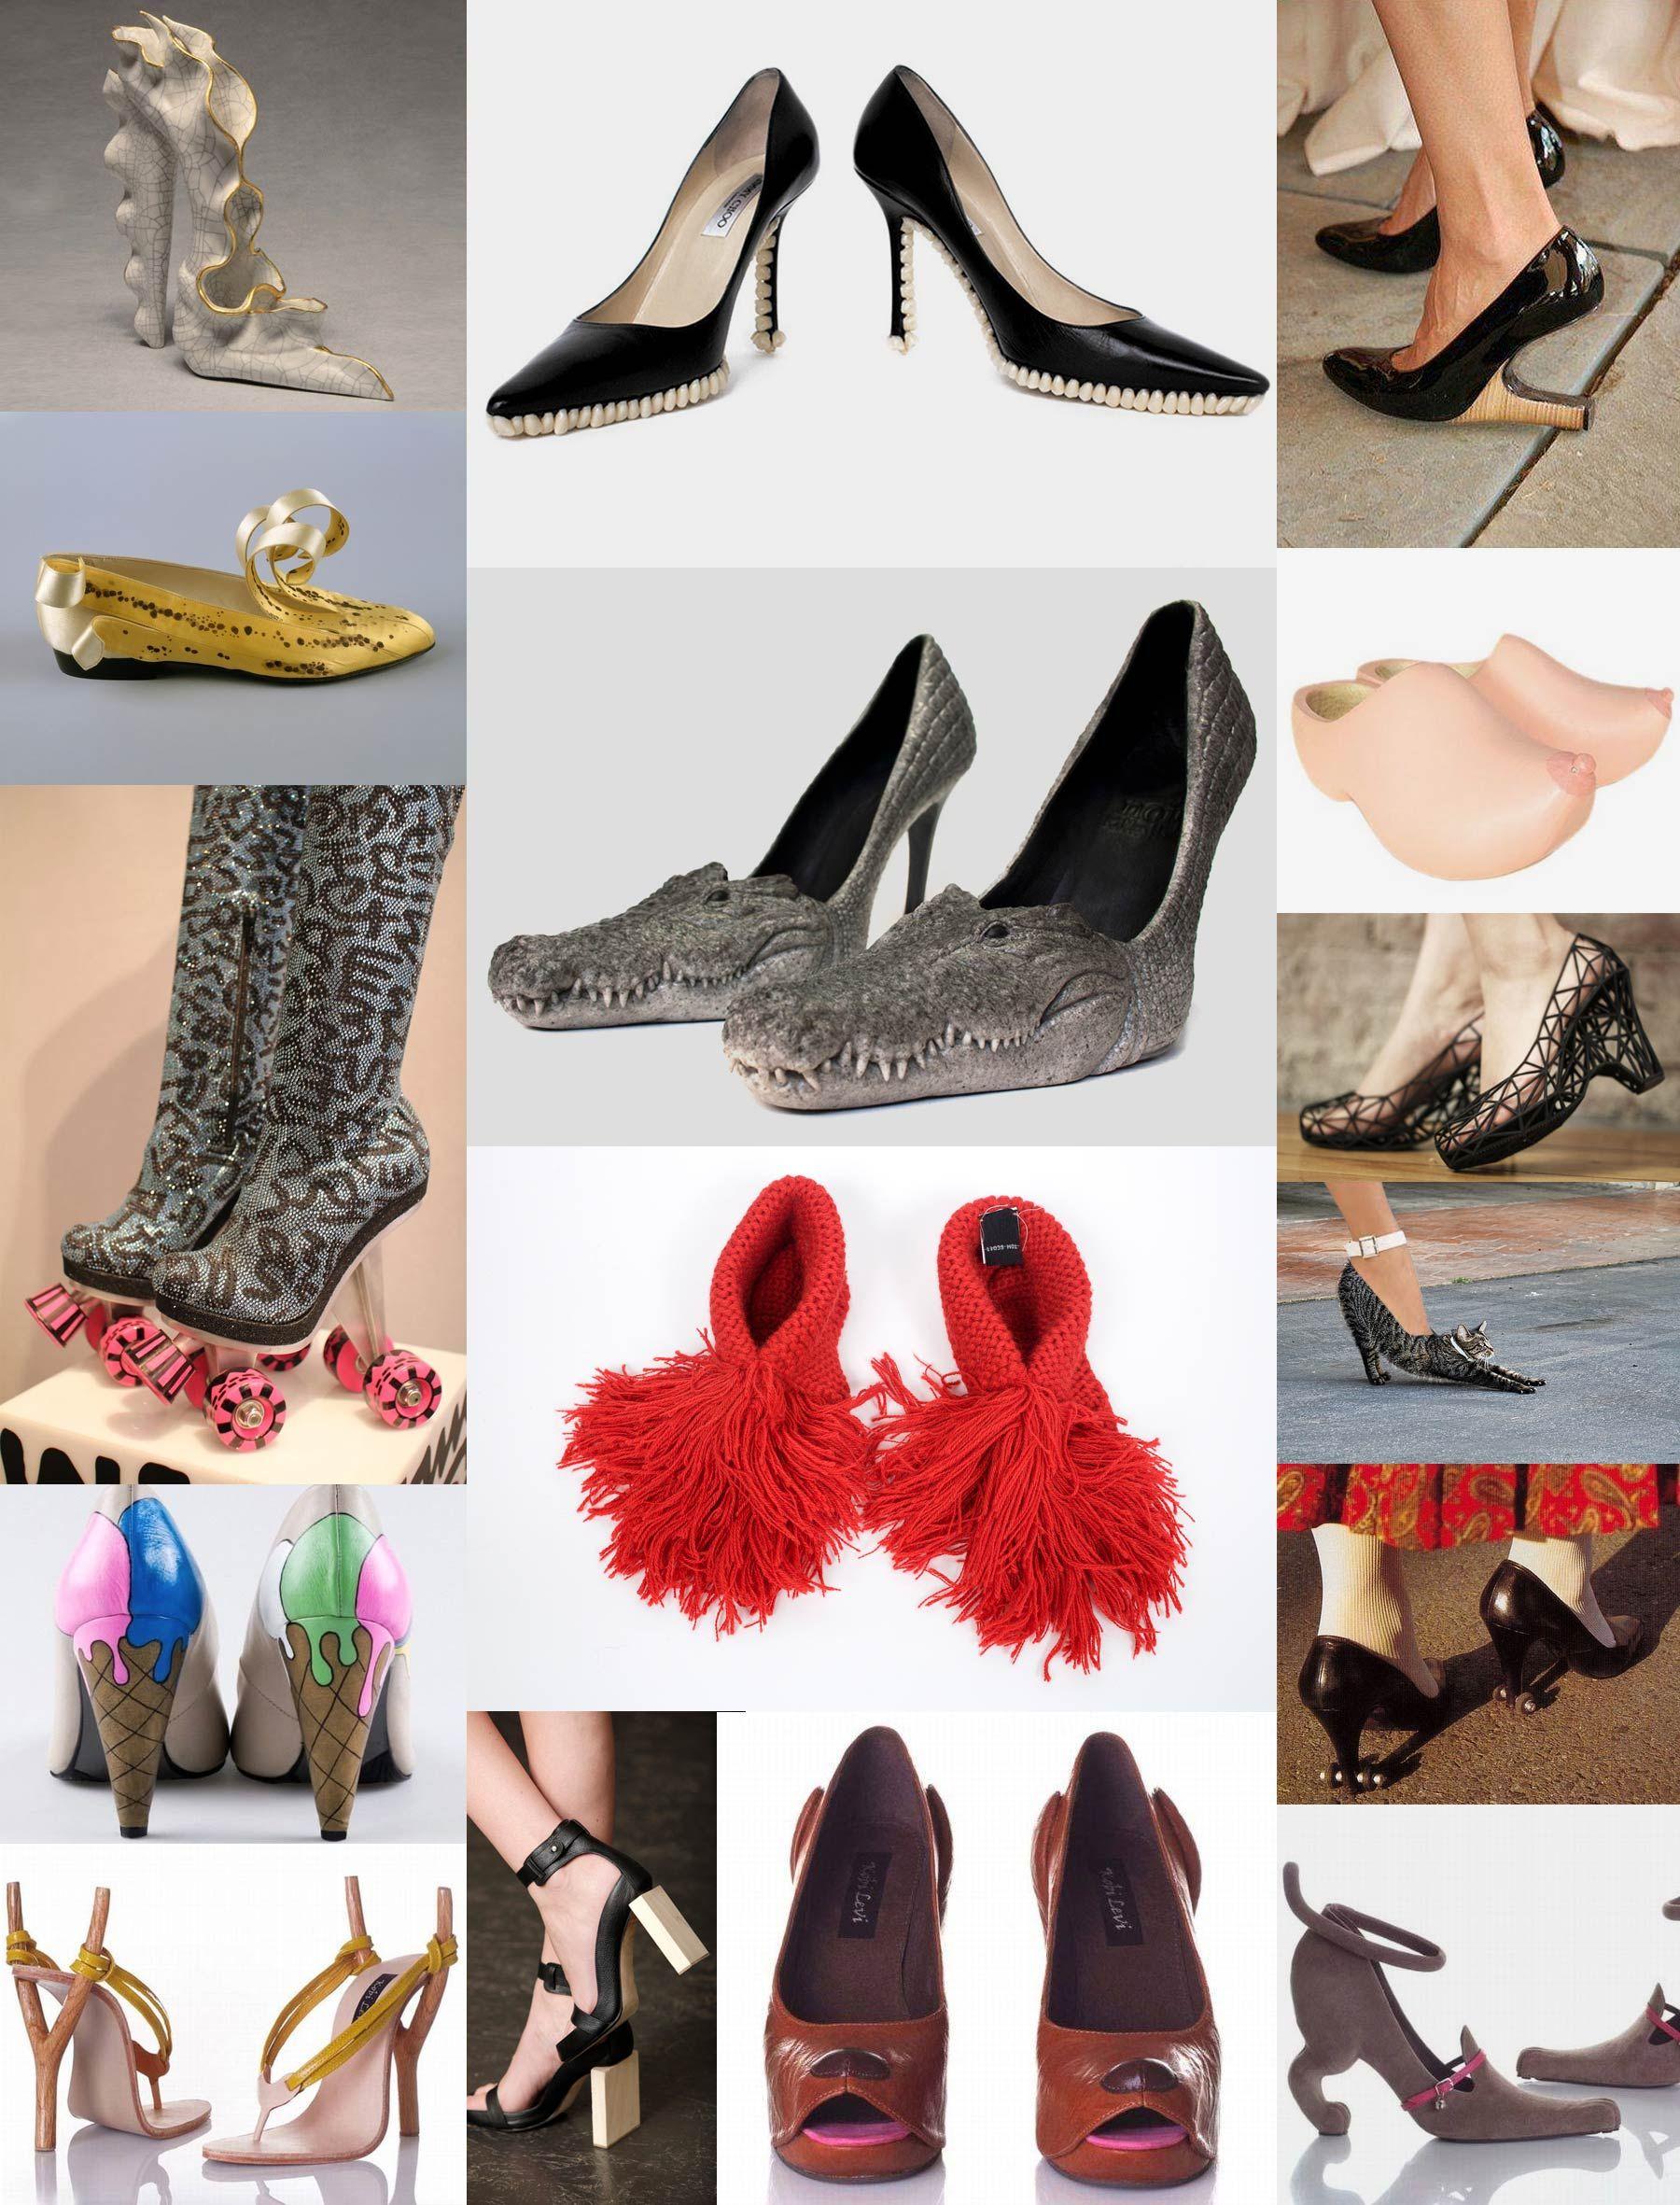 Multiples Fotos De Zapatos Graciosos Feos Raros Horribles